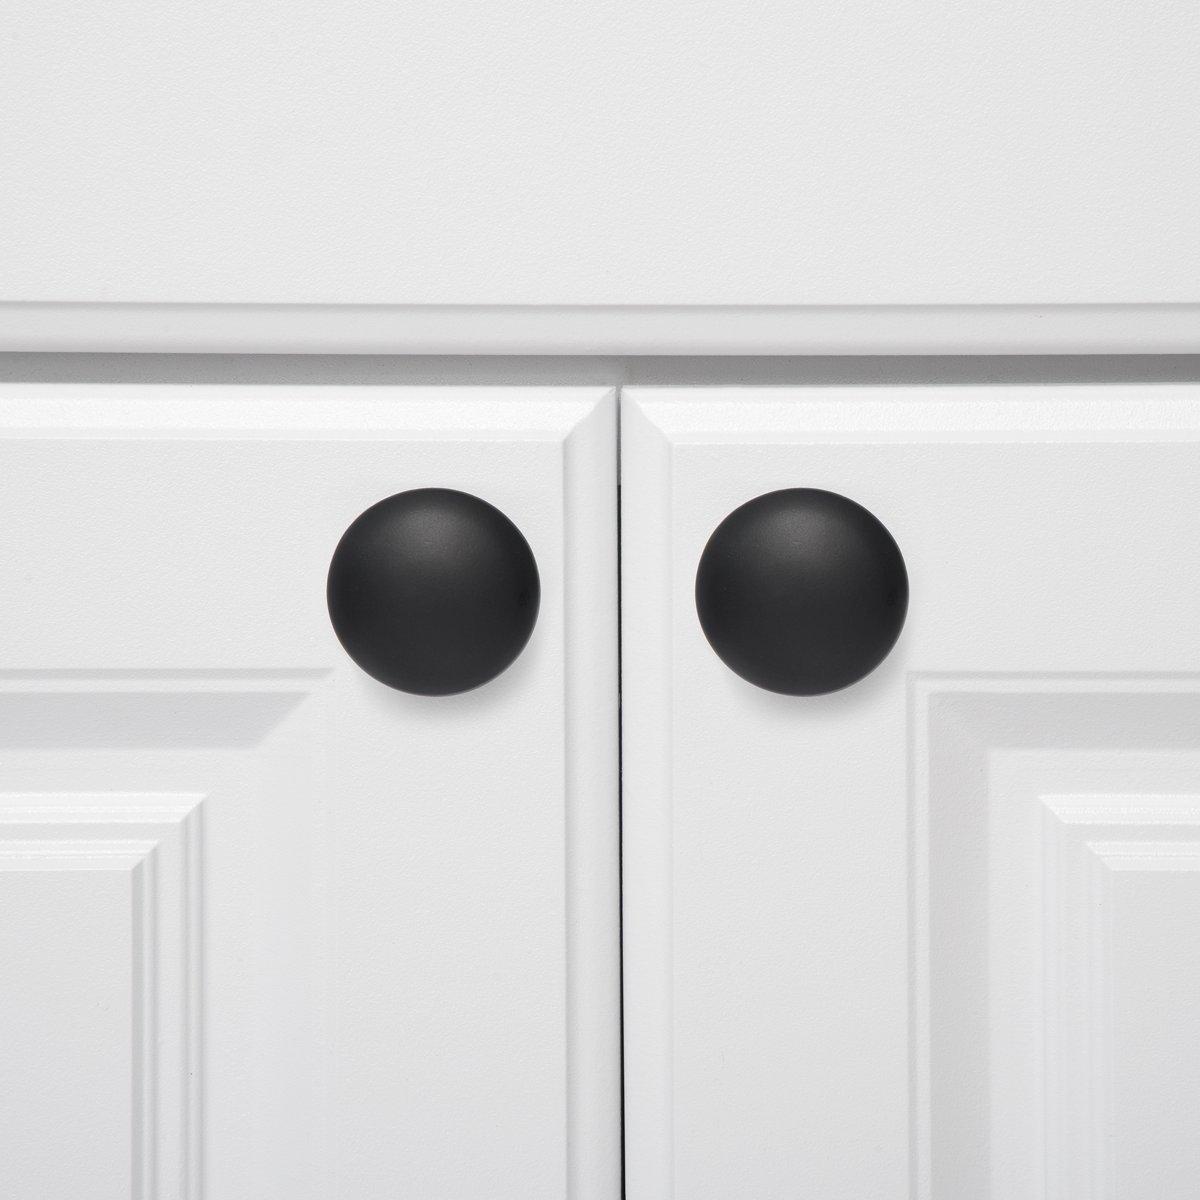 Pomo de armario redondo Cromo pulido 3,98 cm de di/ámetro Paquete de 10 Basics